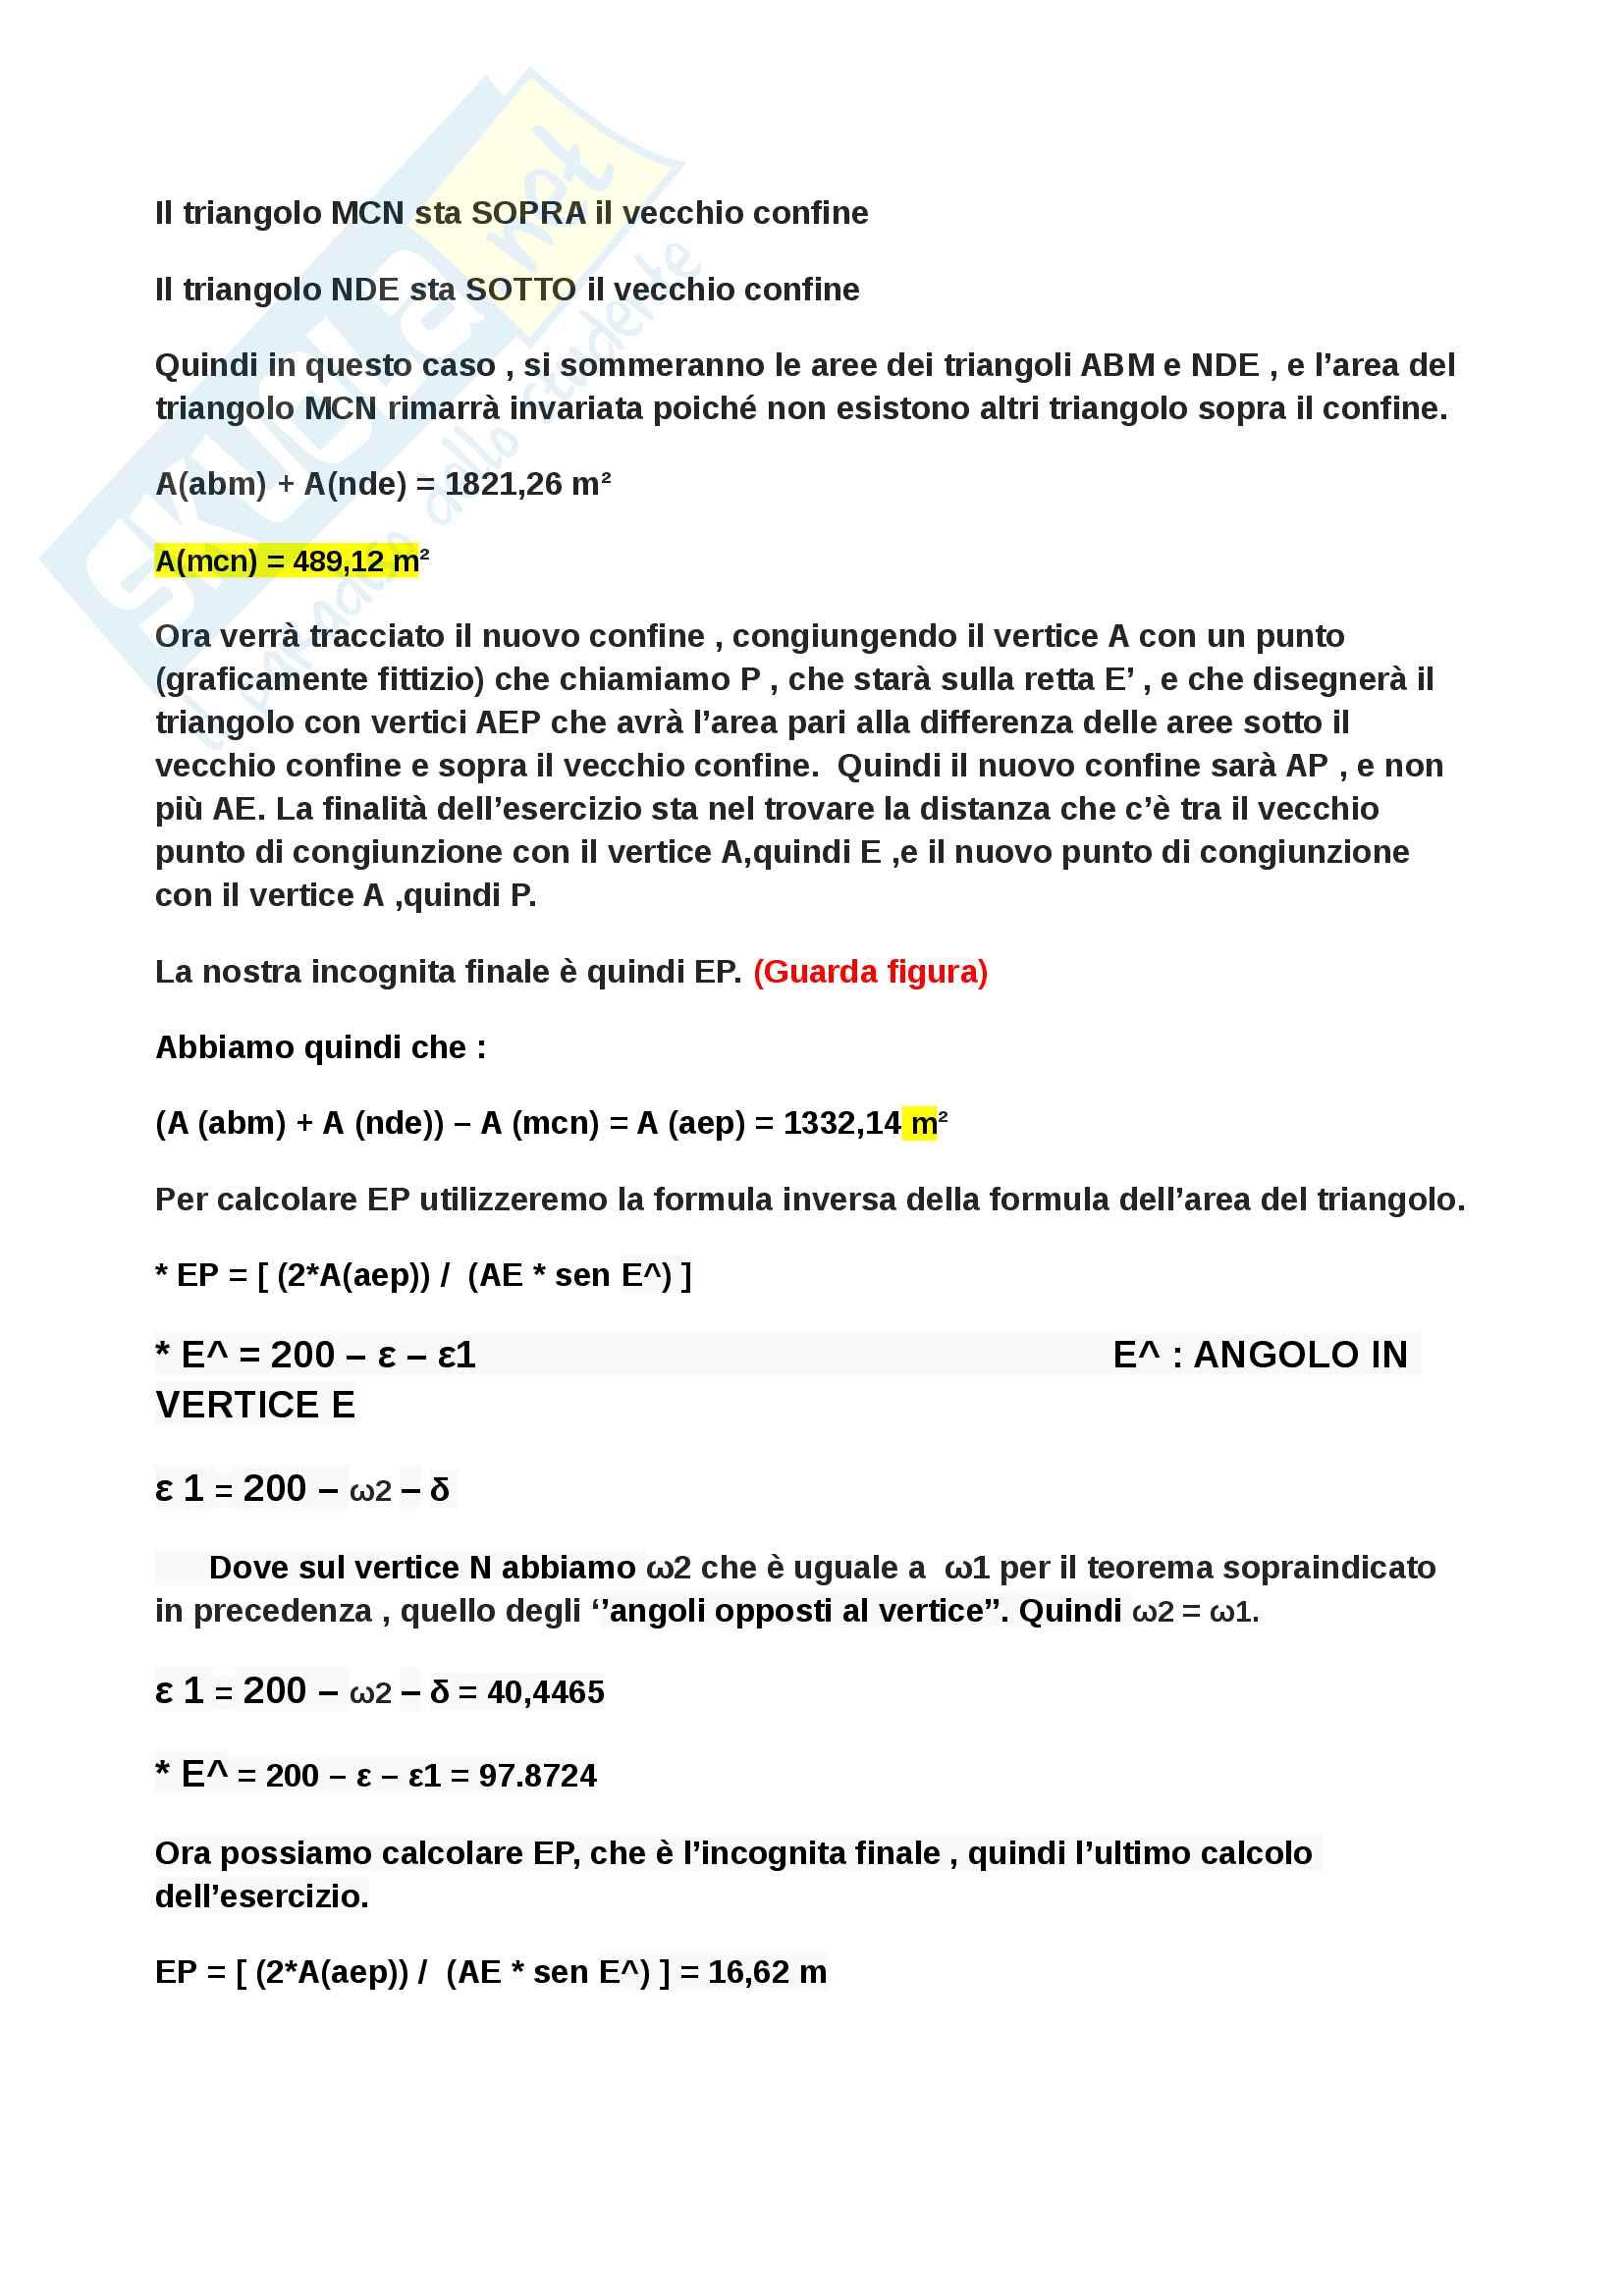 Rettifica di un confine poligonale - Esercizio completo con spiegazione Step by Step Pag. 6